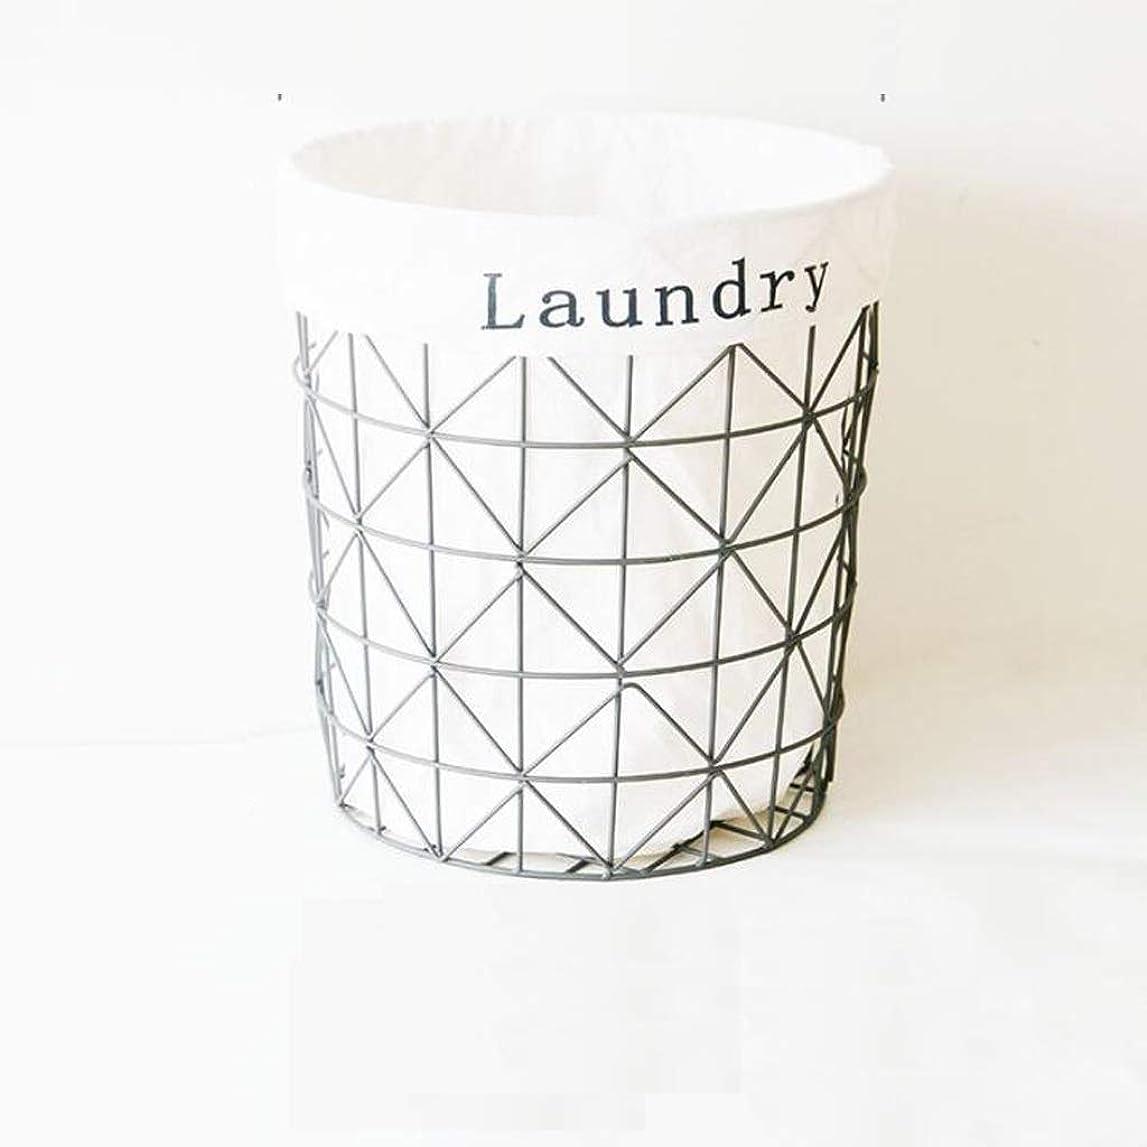 枕ディスパッチ恐れ収納ボックス 金属洗濯物用かごバスケットベッドルームランドリーバスケット収納バスケット、取り外し可能かつ簡単にきれいな内部では、黒とグレーの JKMQA (Color : Gray2)